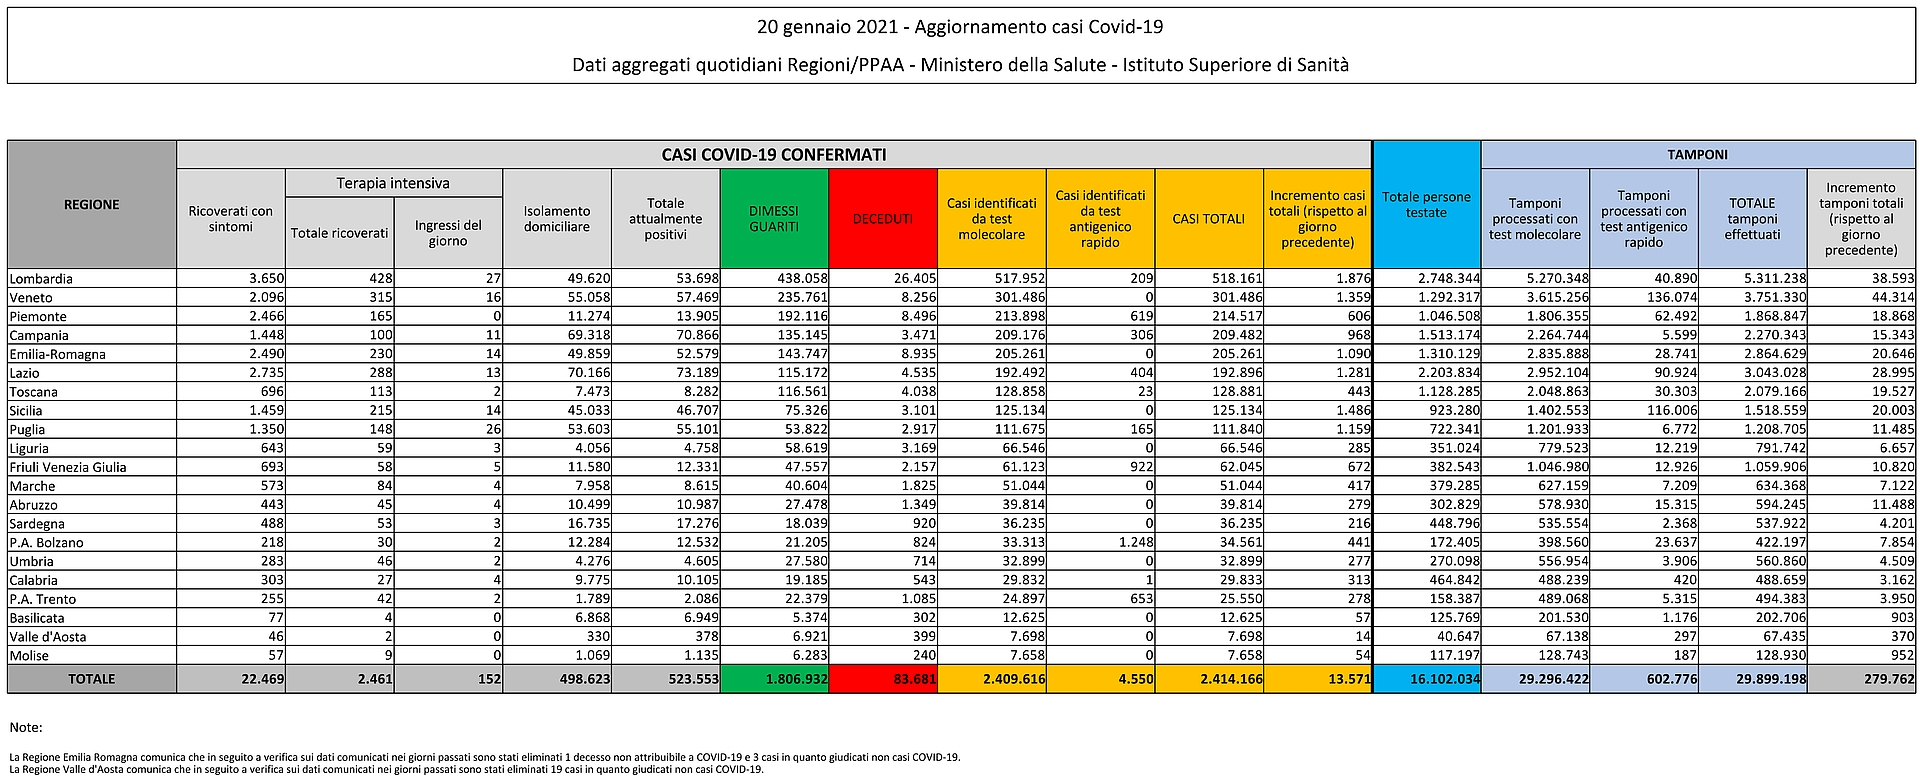 20 gennaio 2021 - Aggiornamento casi Covid-19 Dati aggregati quotidiani Regioni/PPAA - Ministero della Salute - Istituto Superiore di Sanità